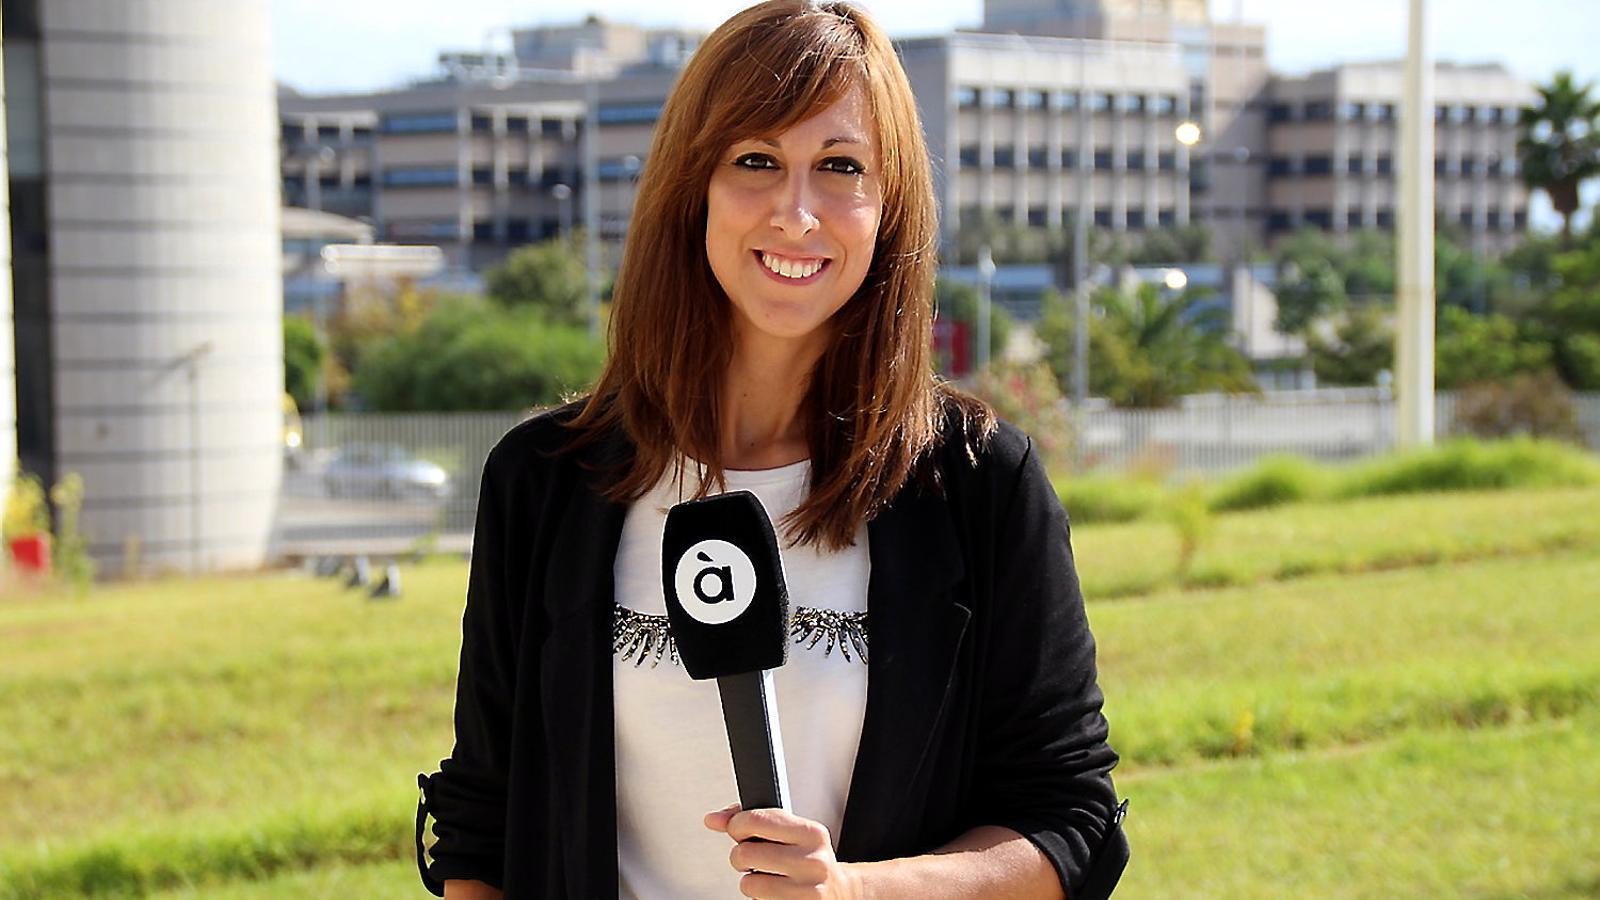 La nova ràdio valenciana trencarà el silenci al desembre